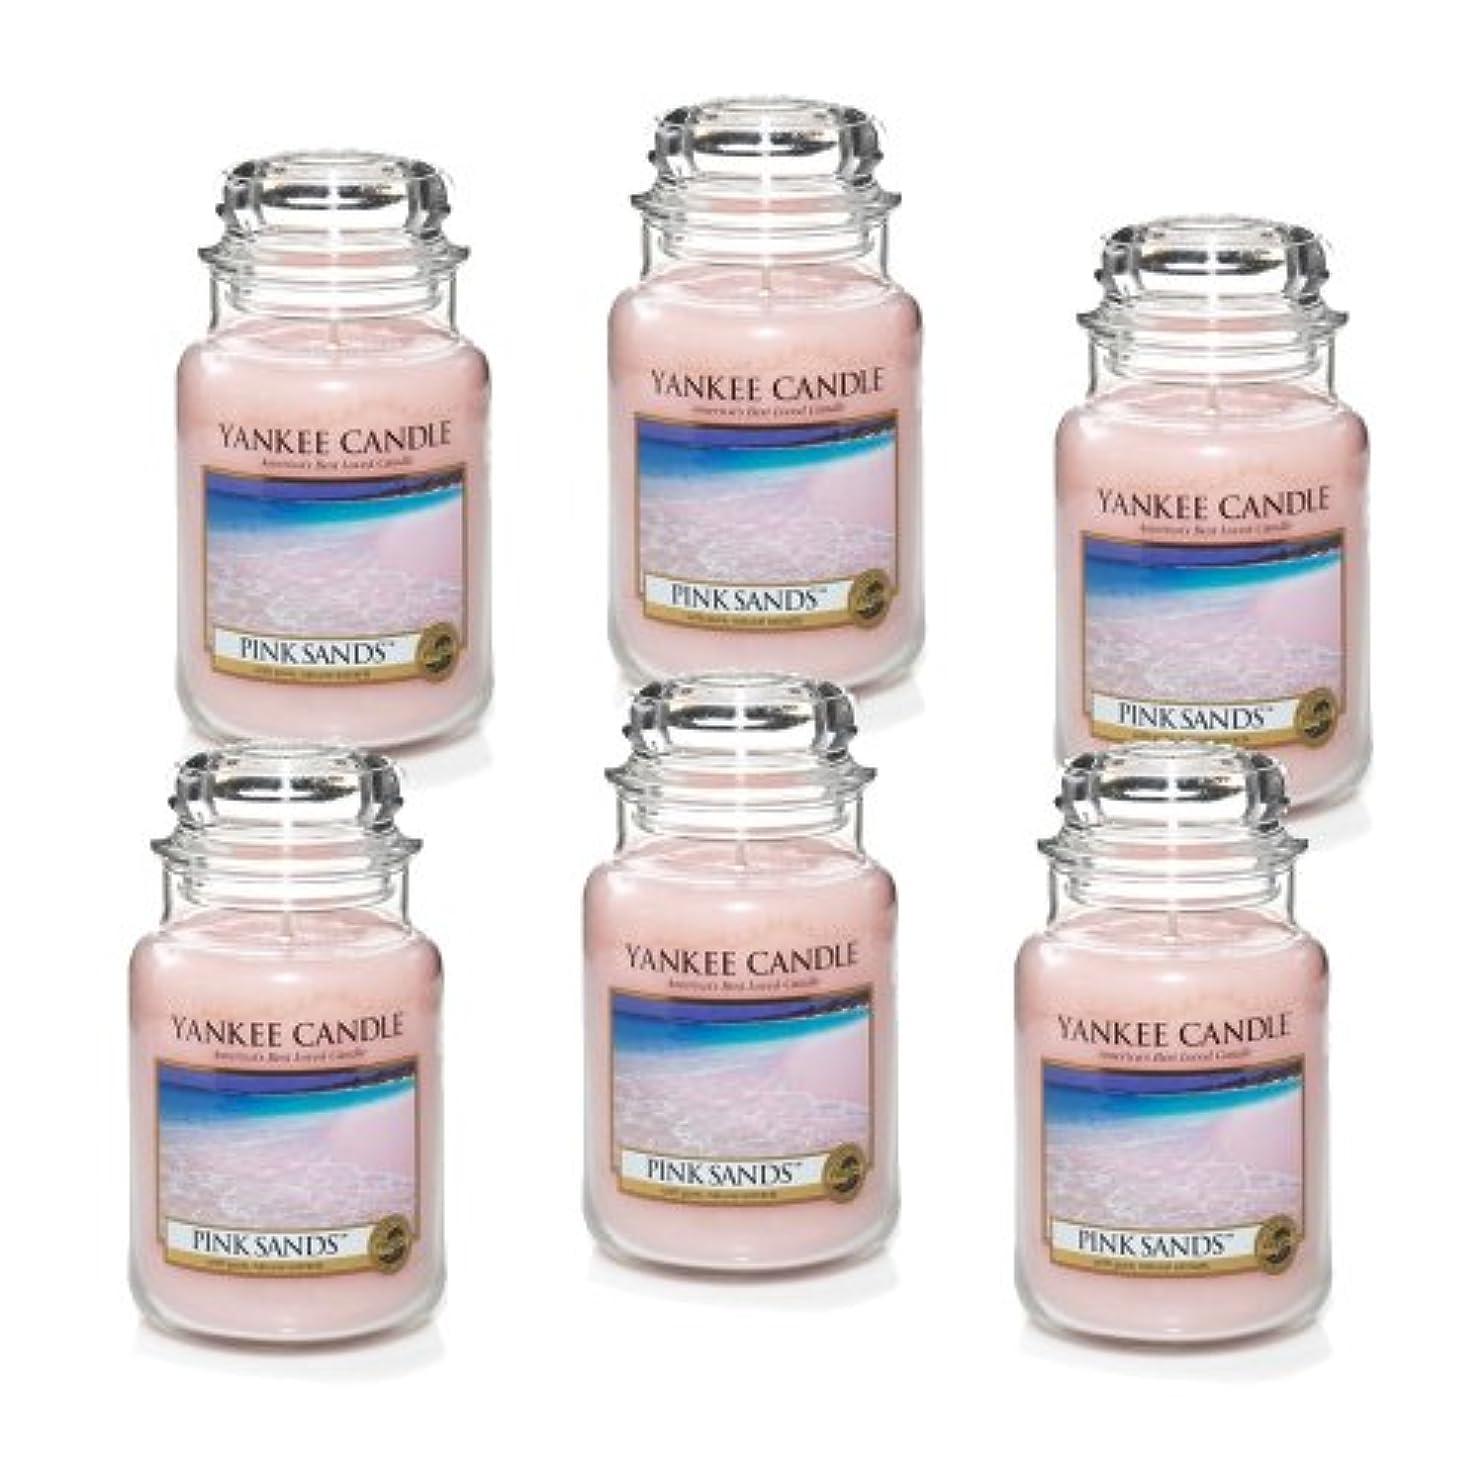 八百屋豊富な酸っぱいYankee Candle ピンクサンズ 大瓶 22オンス キャンドル Set of 6 ピンク 1205337X6